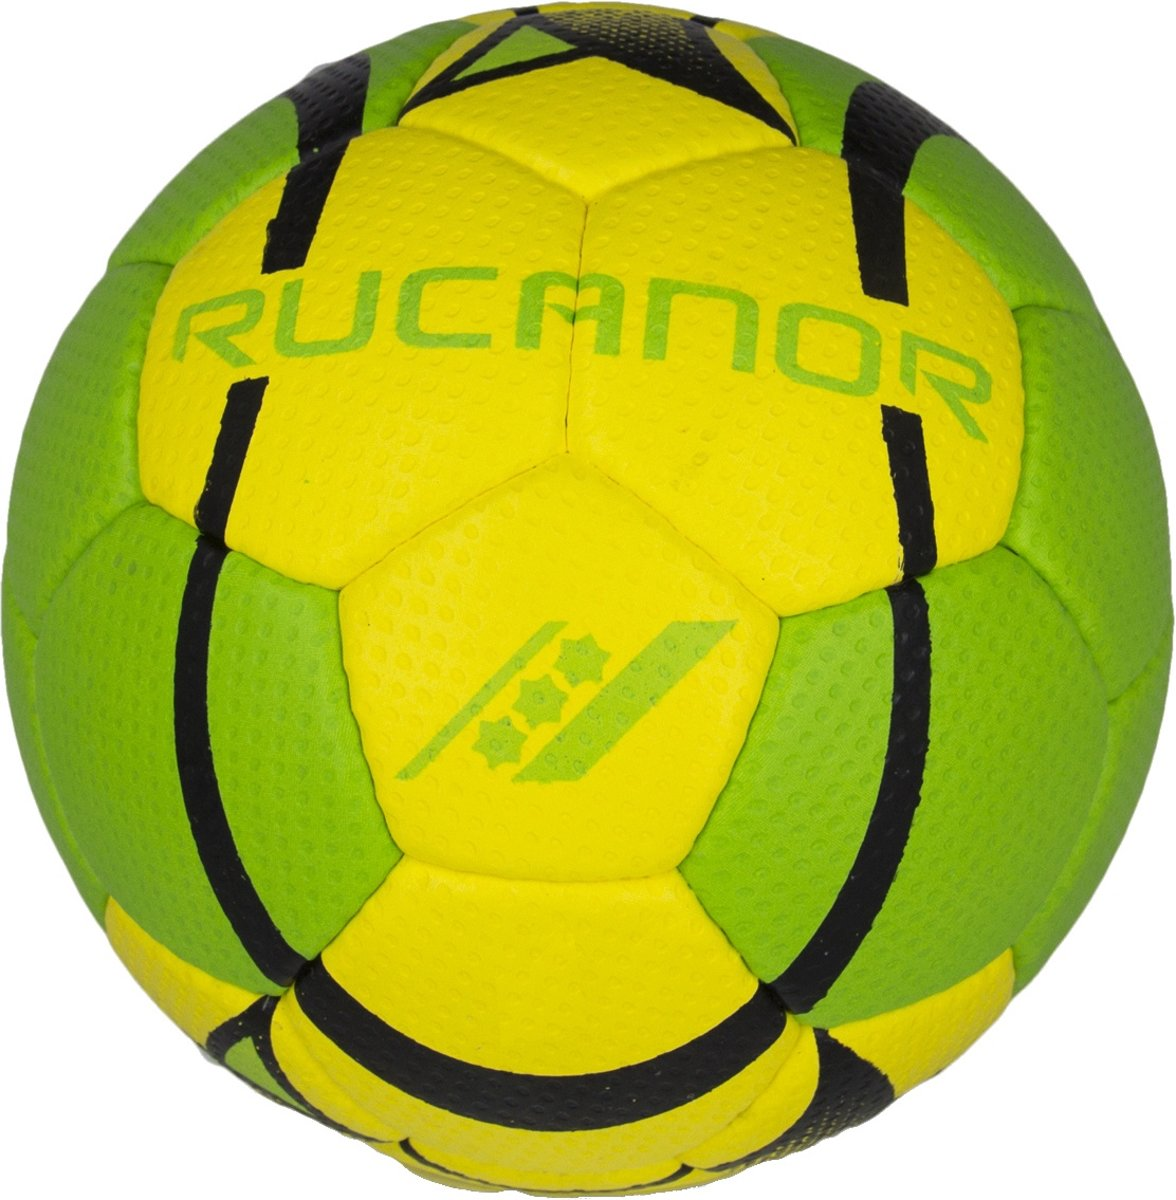 Rucanor Handbal Bukarest Iii Geel/groen Maat 0 kopen